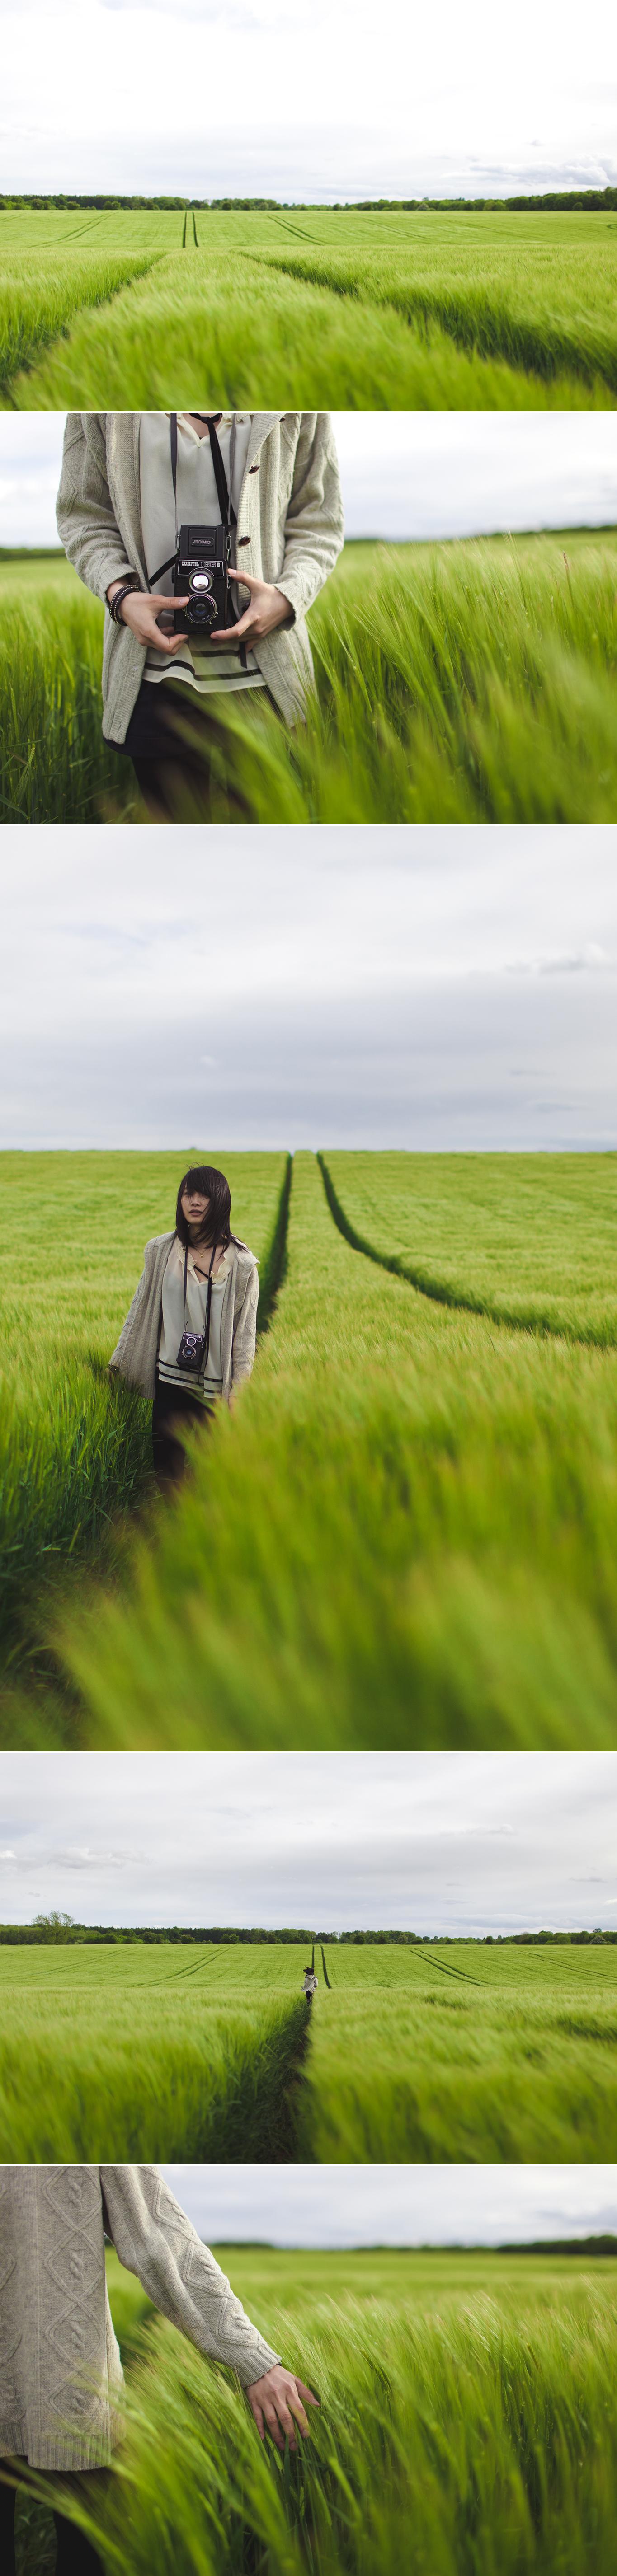 Cotswold - GrassField.jpg